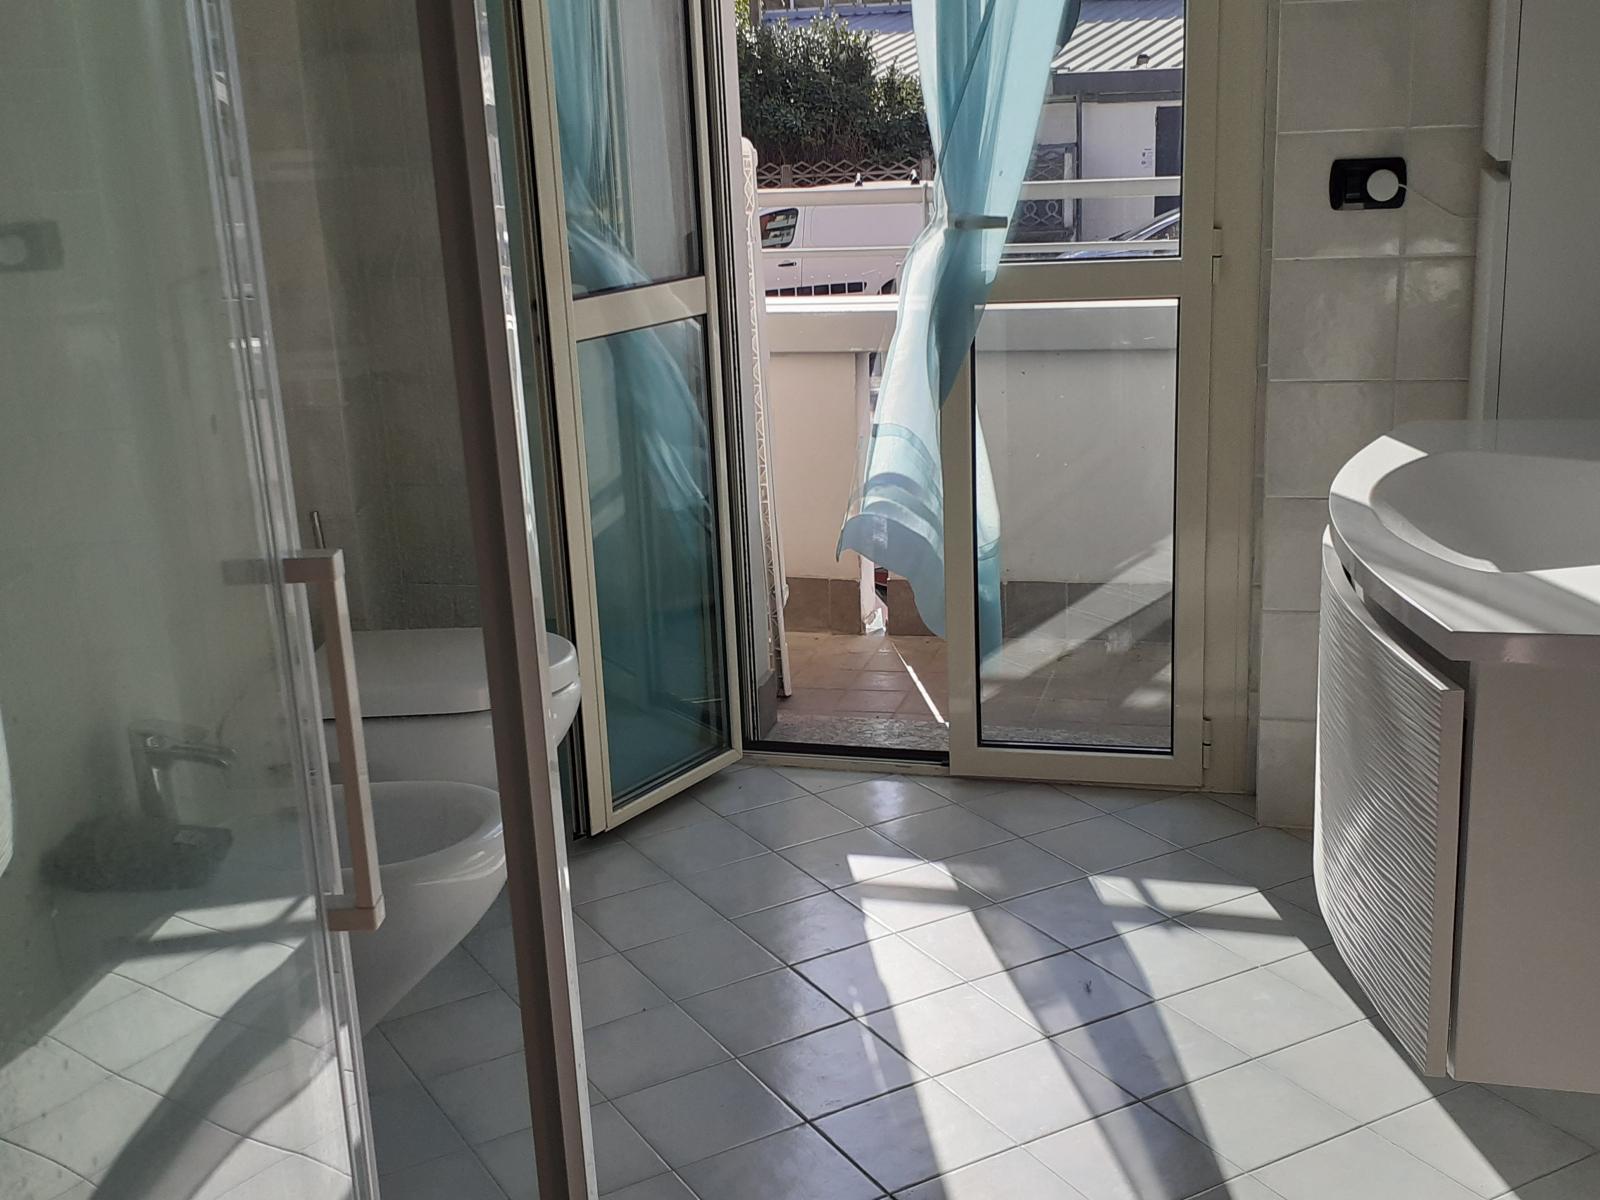 appartamento-in-vendita-a-trezzano-sul-naviglio-milano-2-locali-spaziourbano-immobiliare-vende-3